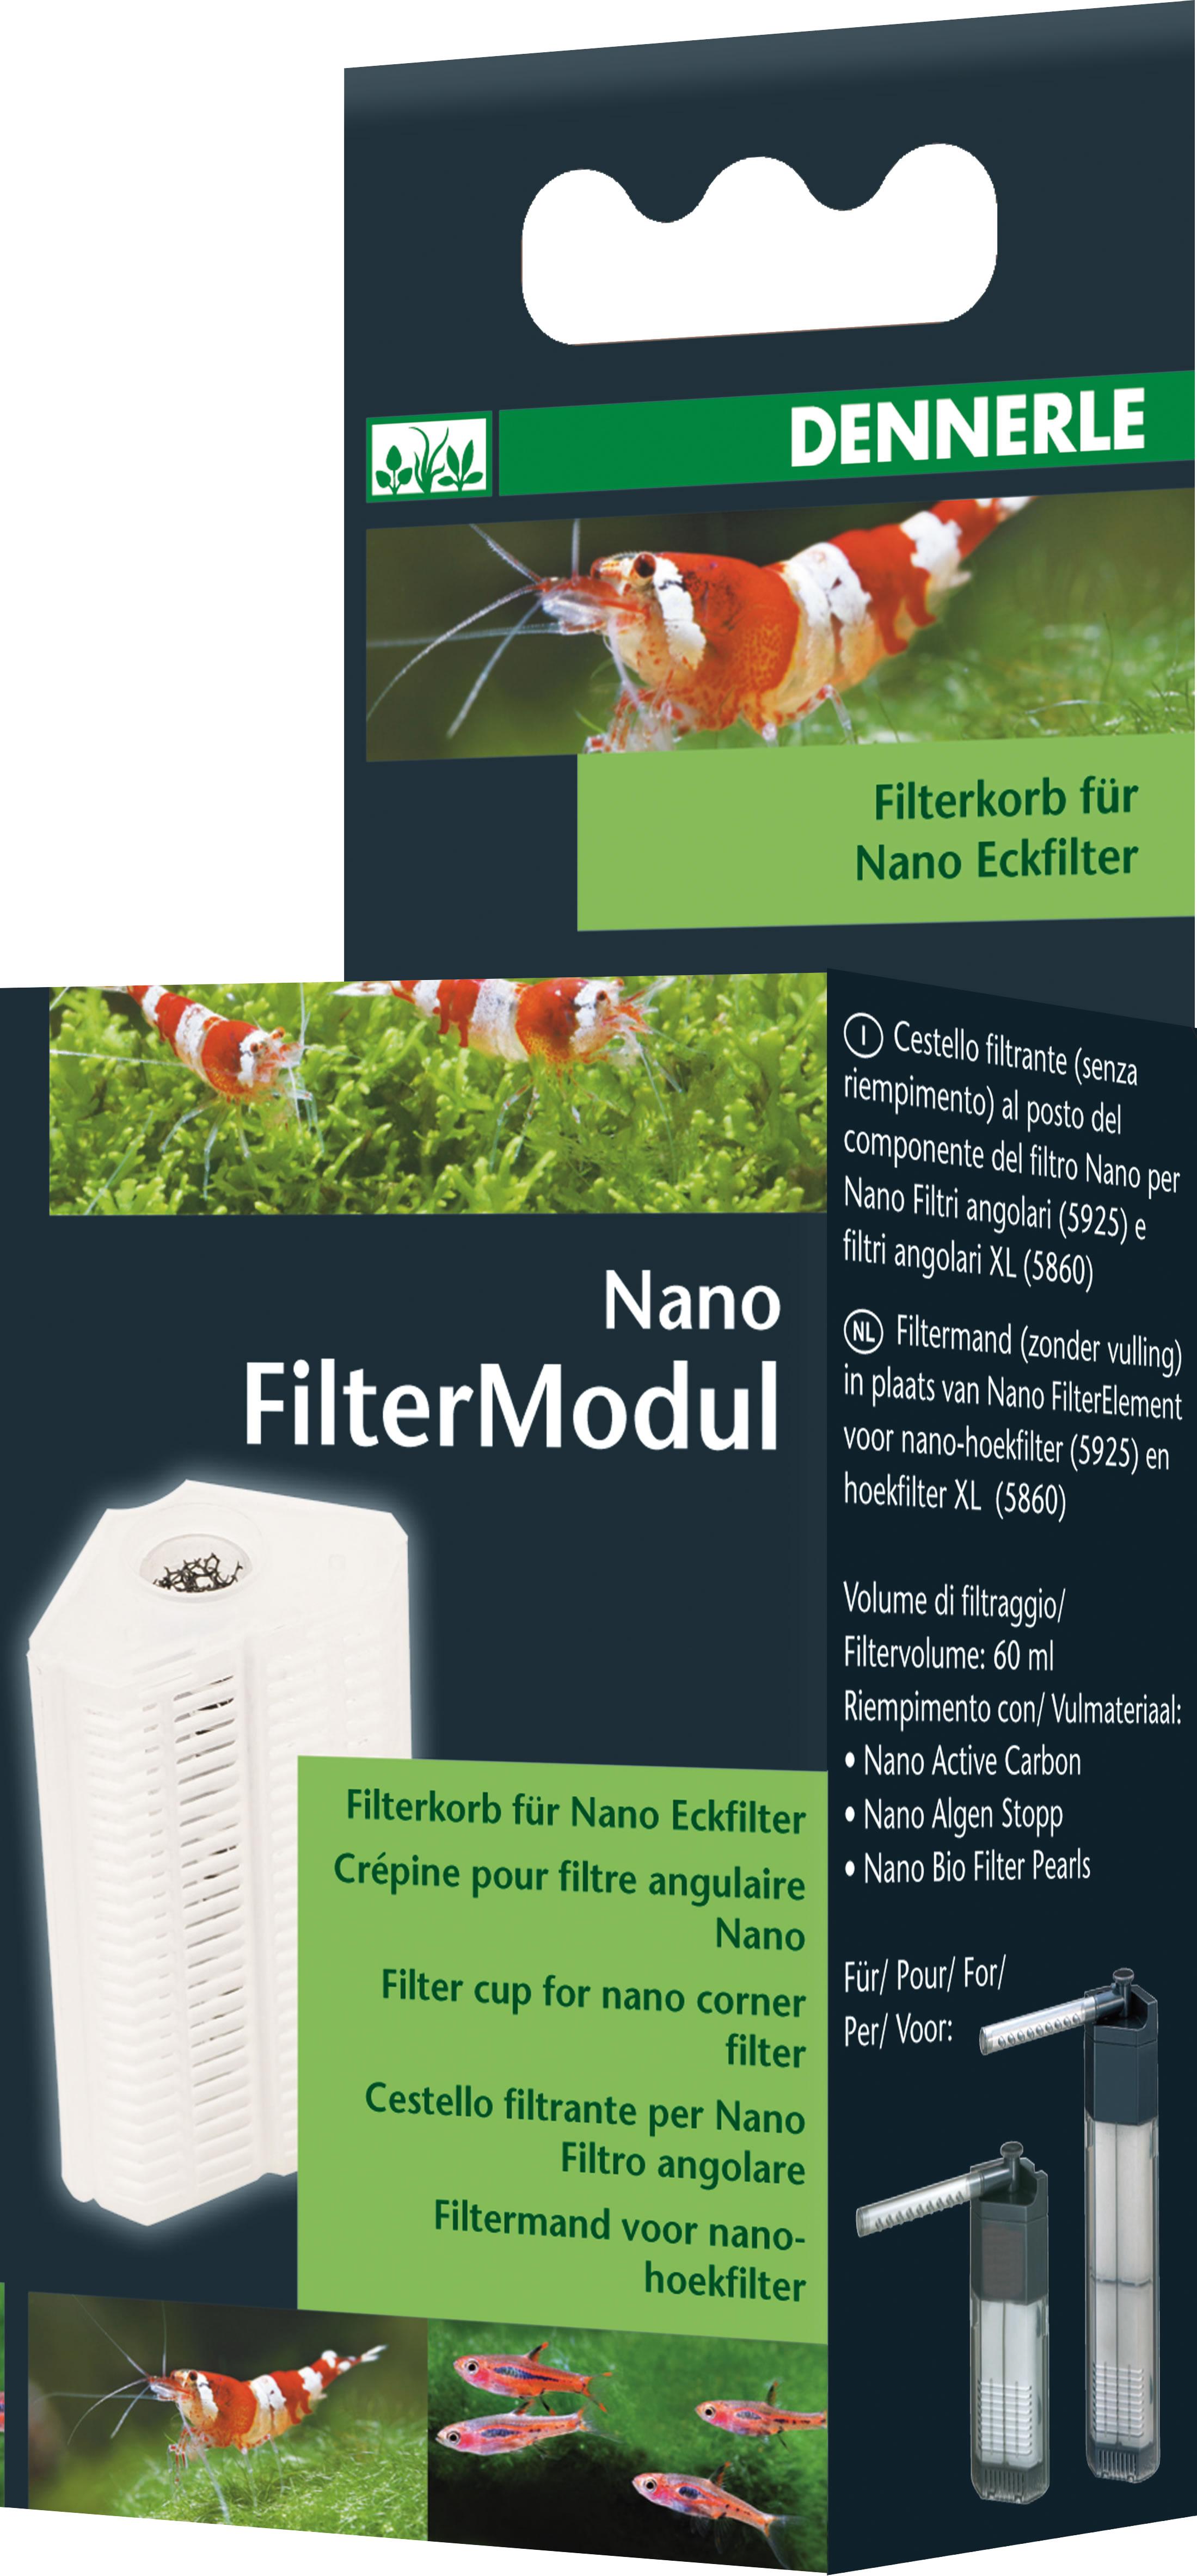 Dennerle Nano FilterModul für Dennerle Nano Eckfilter